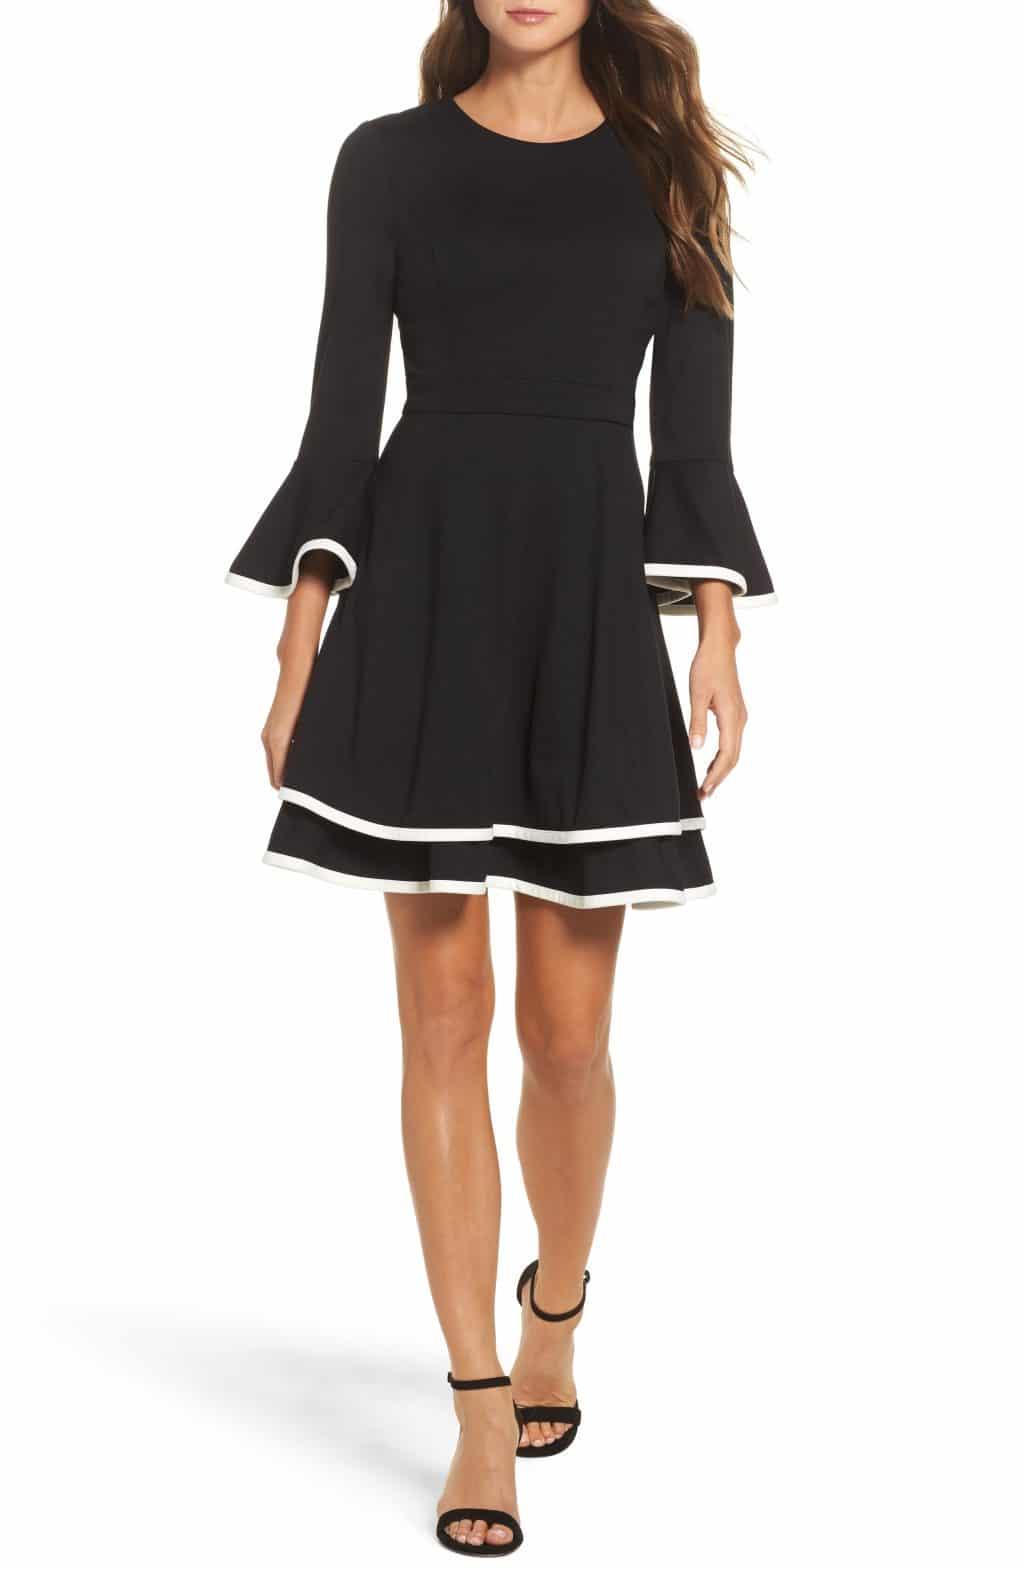 ELIZA J Bell Sleeve Fit & Flare Black / Ivory Dress - We Select Dresses